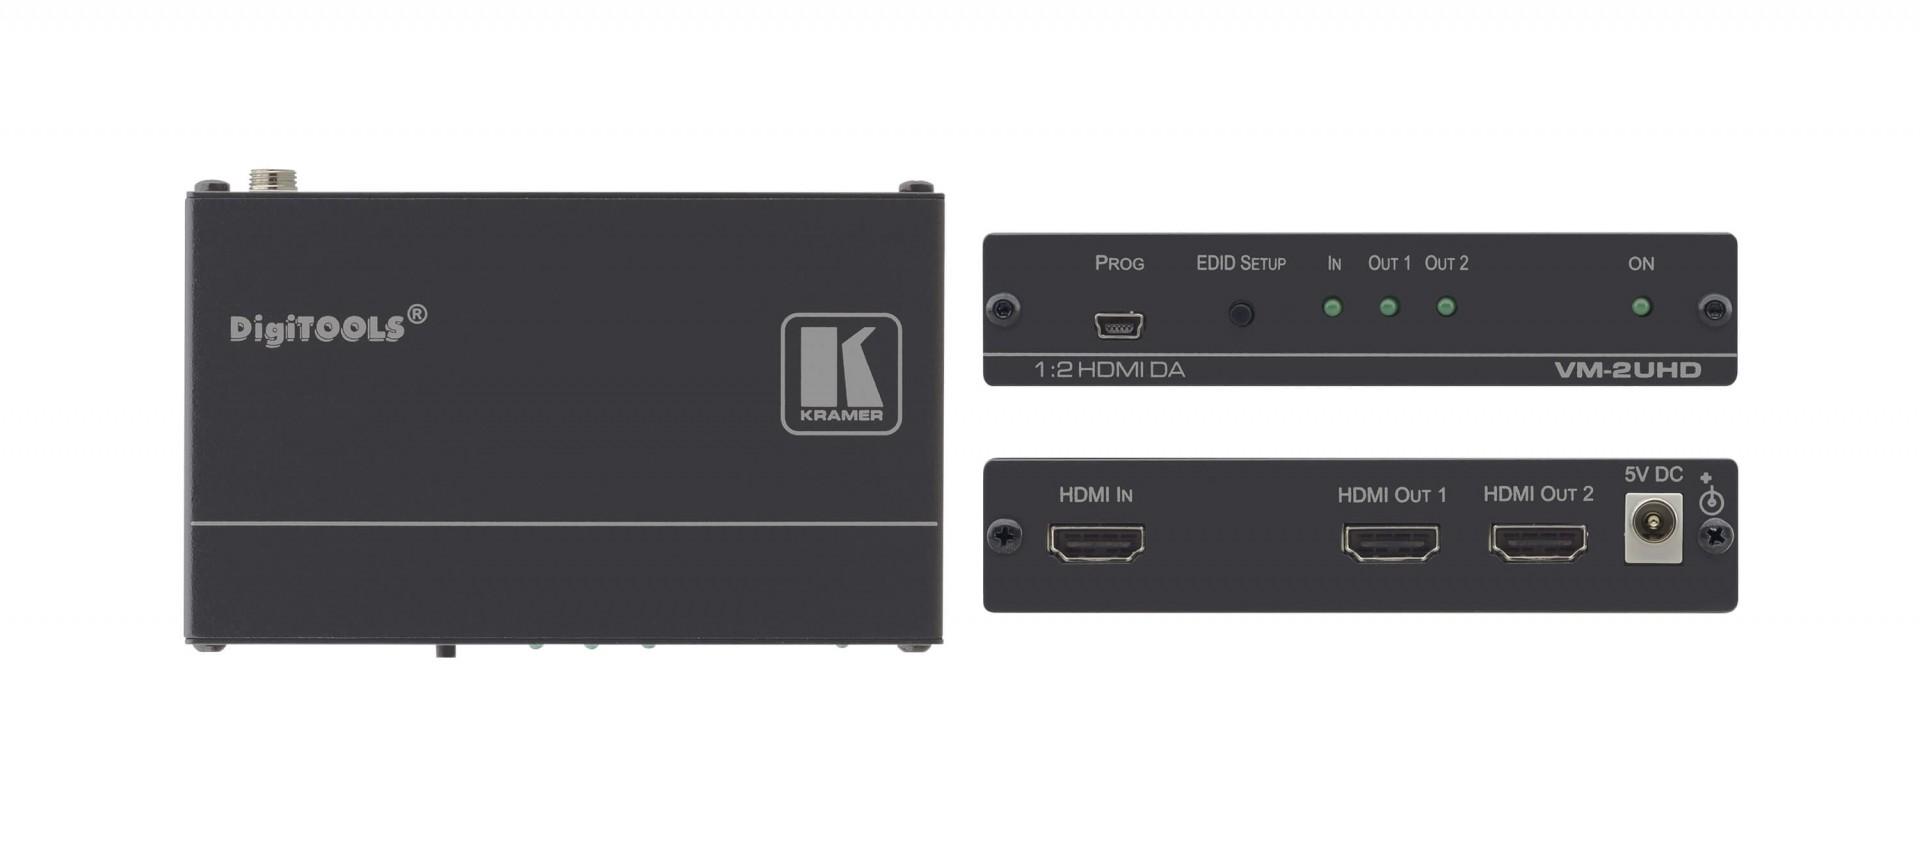 Kramer 1:2 4K60 4:2:0 HDMI distribution amplifier -VM-2UHD